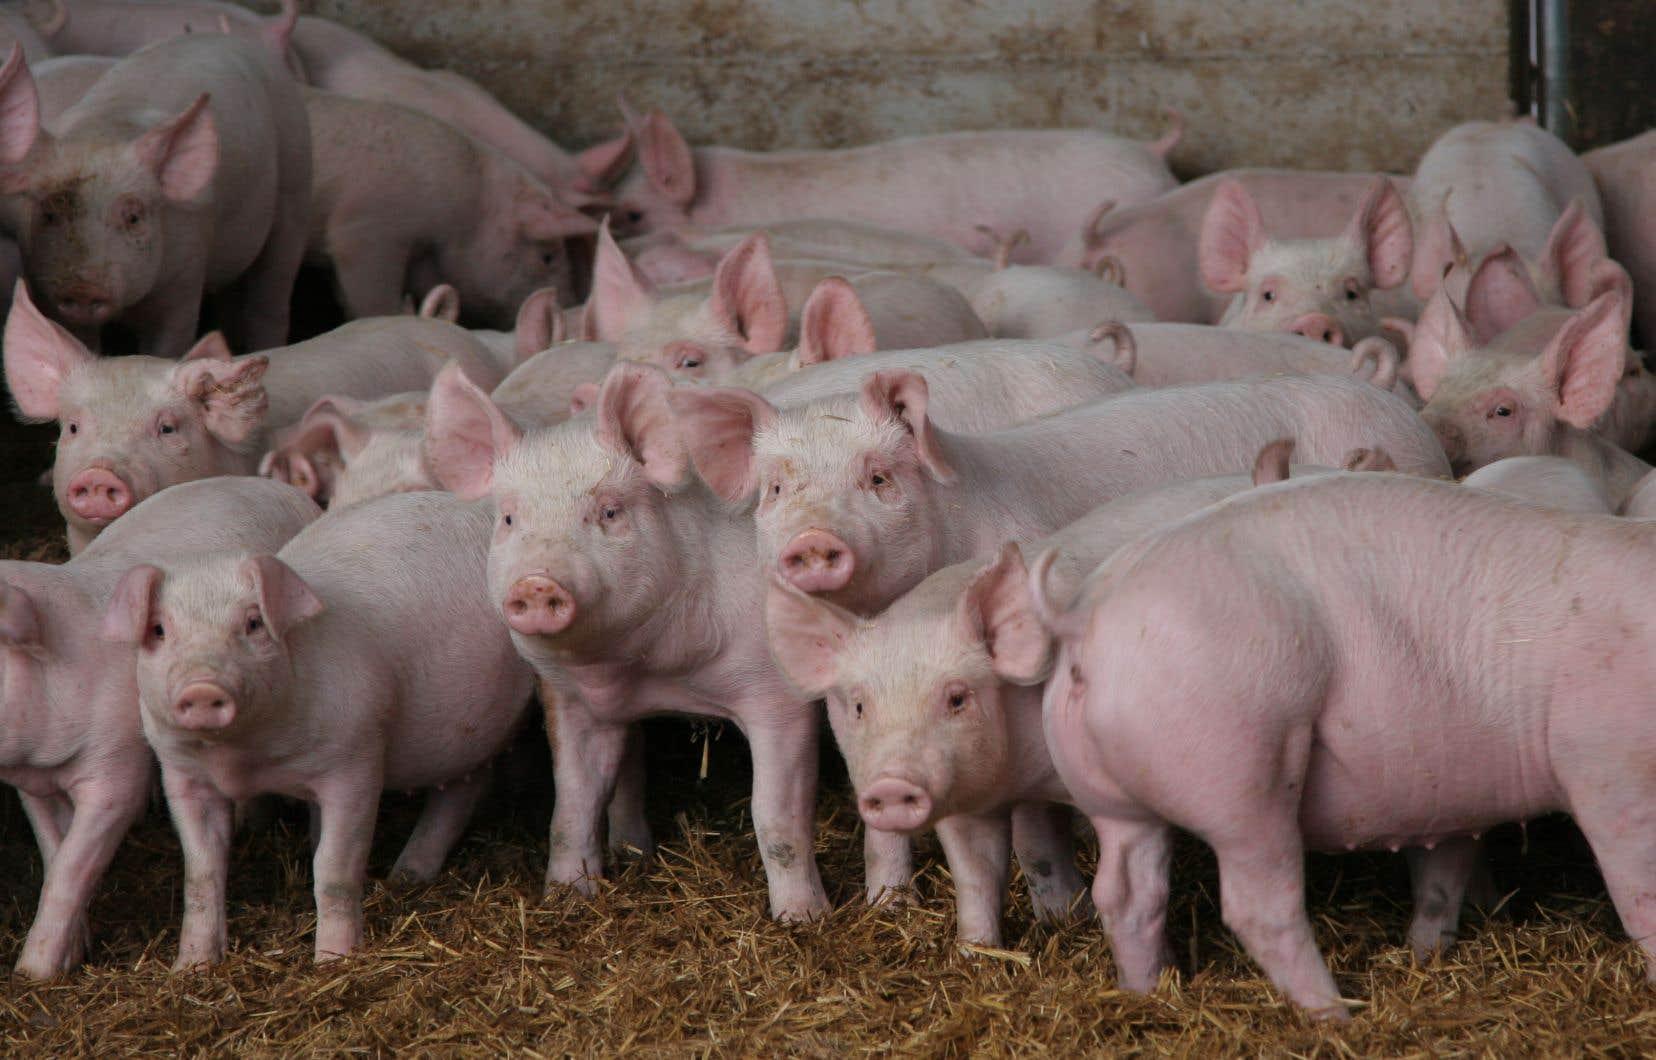 Les chercheurs ont branché des cerveaux de porcs abattuspour leur viande. L'expérience d'une durée de six heures a été répétée avec trente-deux cerveaux.